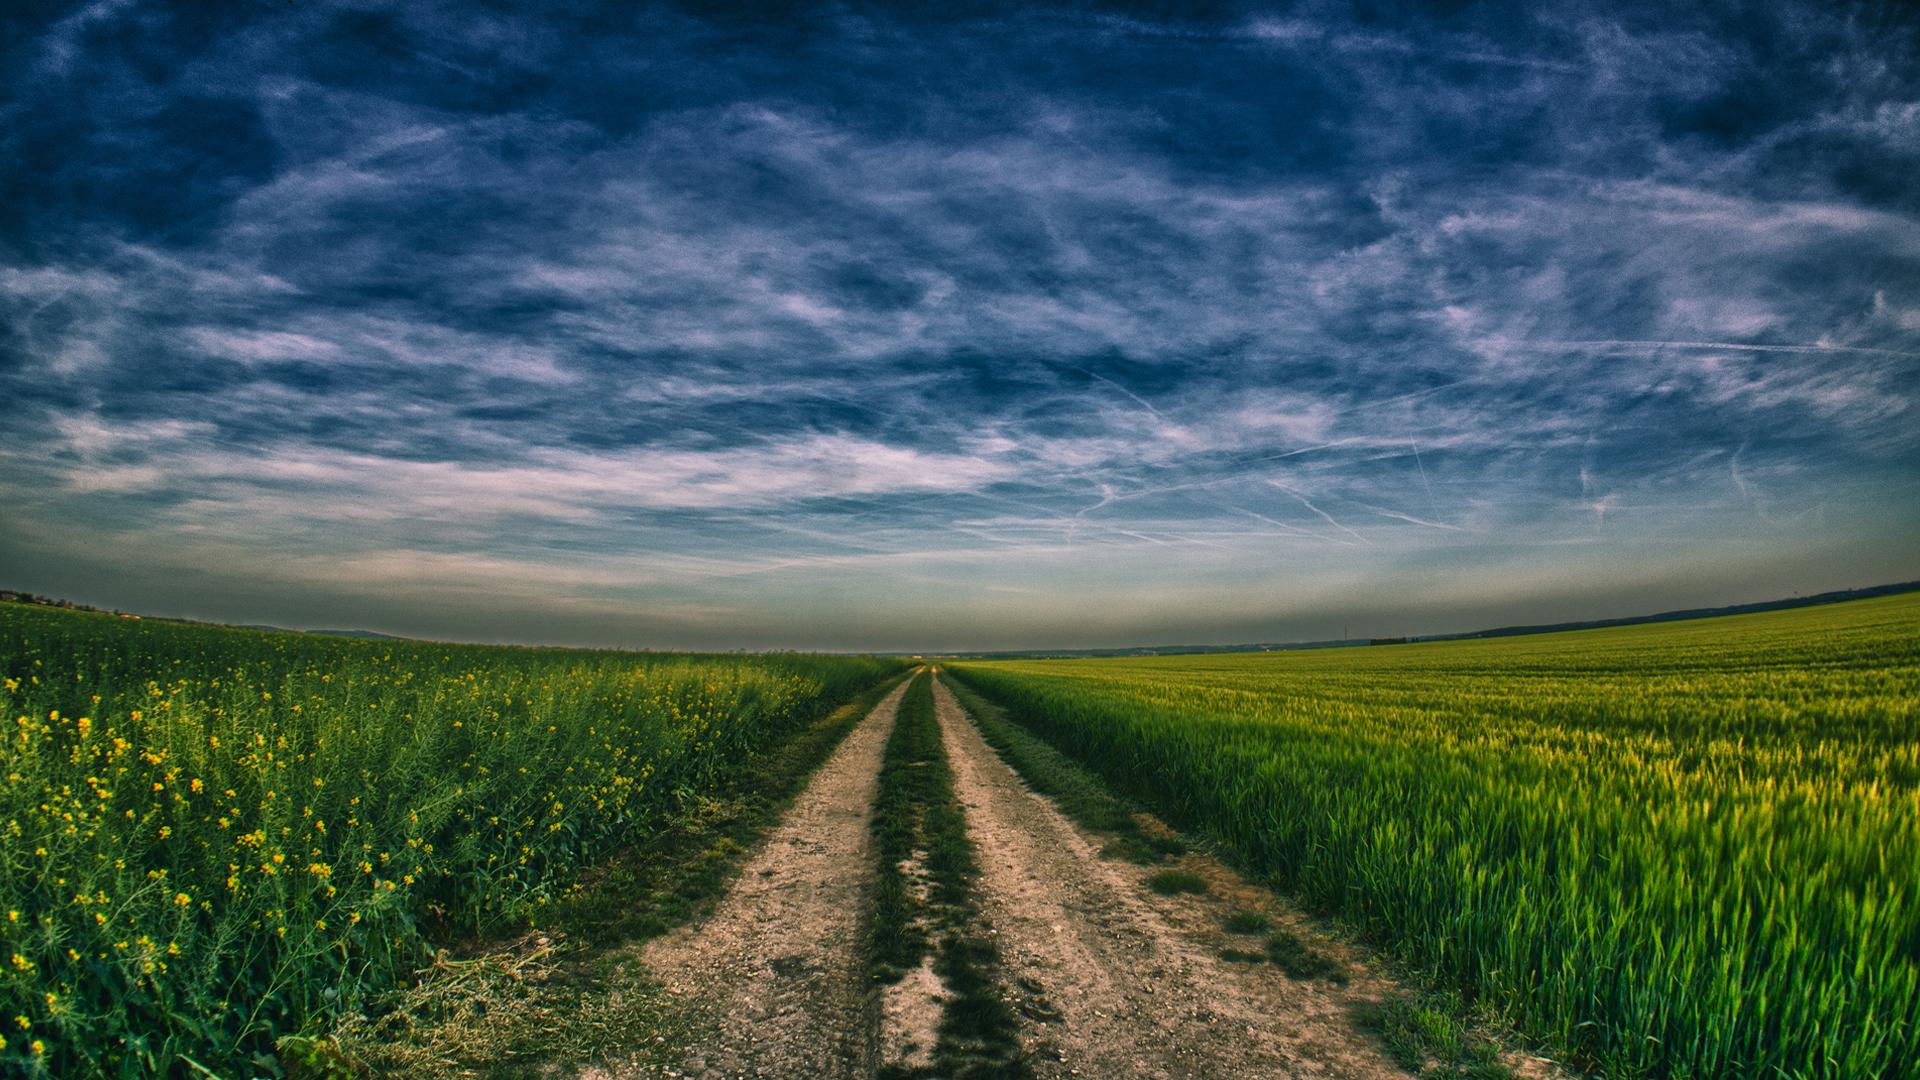 степь дорога небо лето  № 1280909 бесплатно